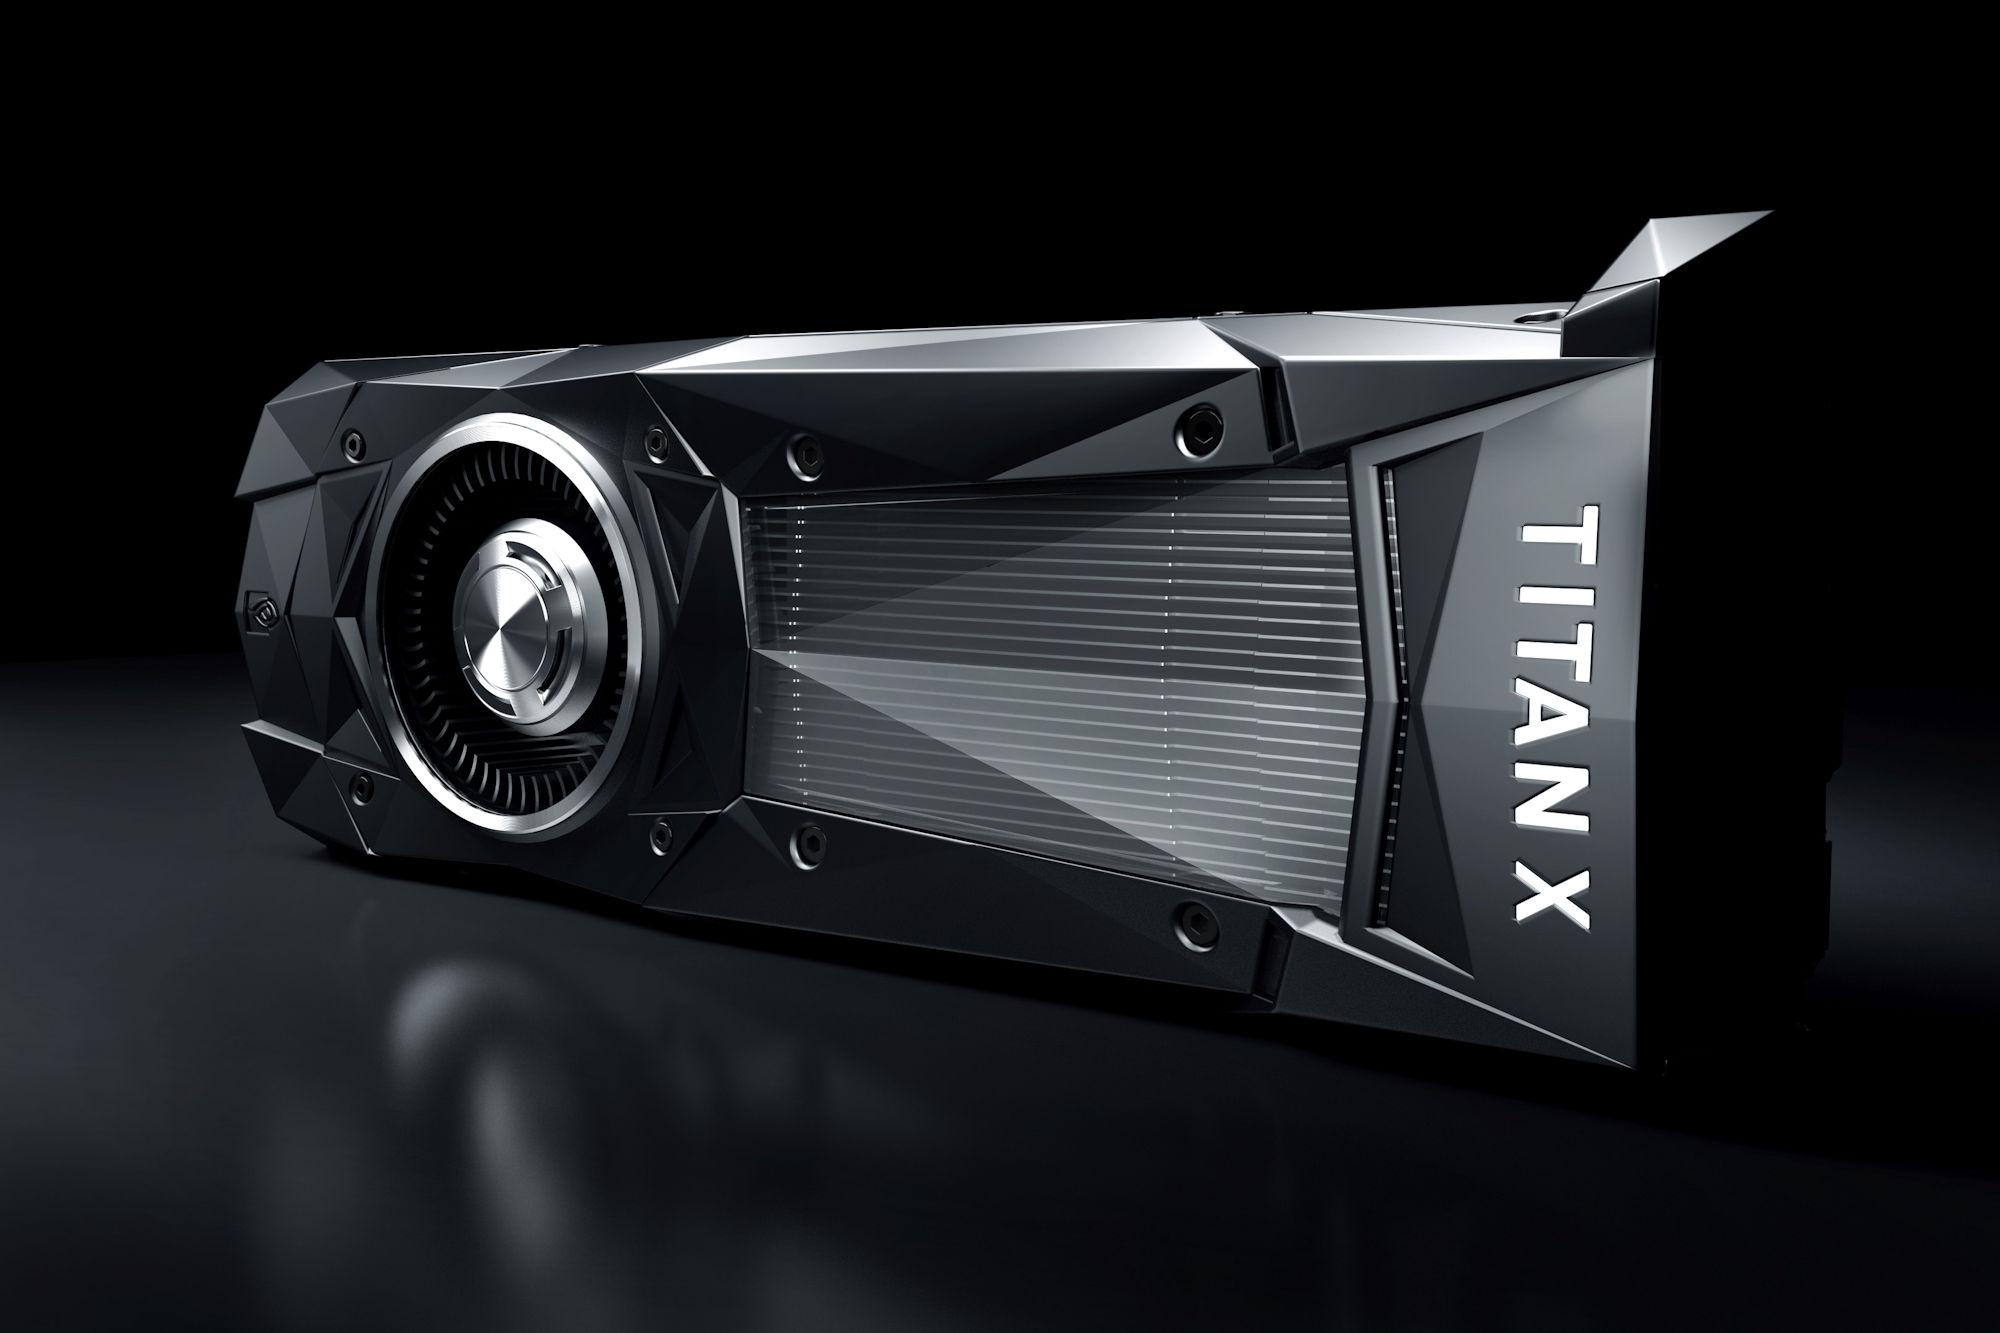 Karta Graficzna Nvidia Geforce Titan X Pascal Specyfikacja Techniczna